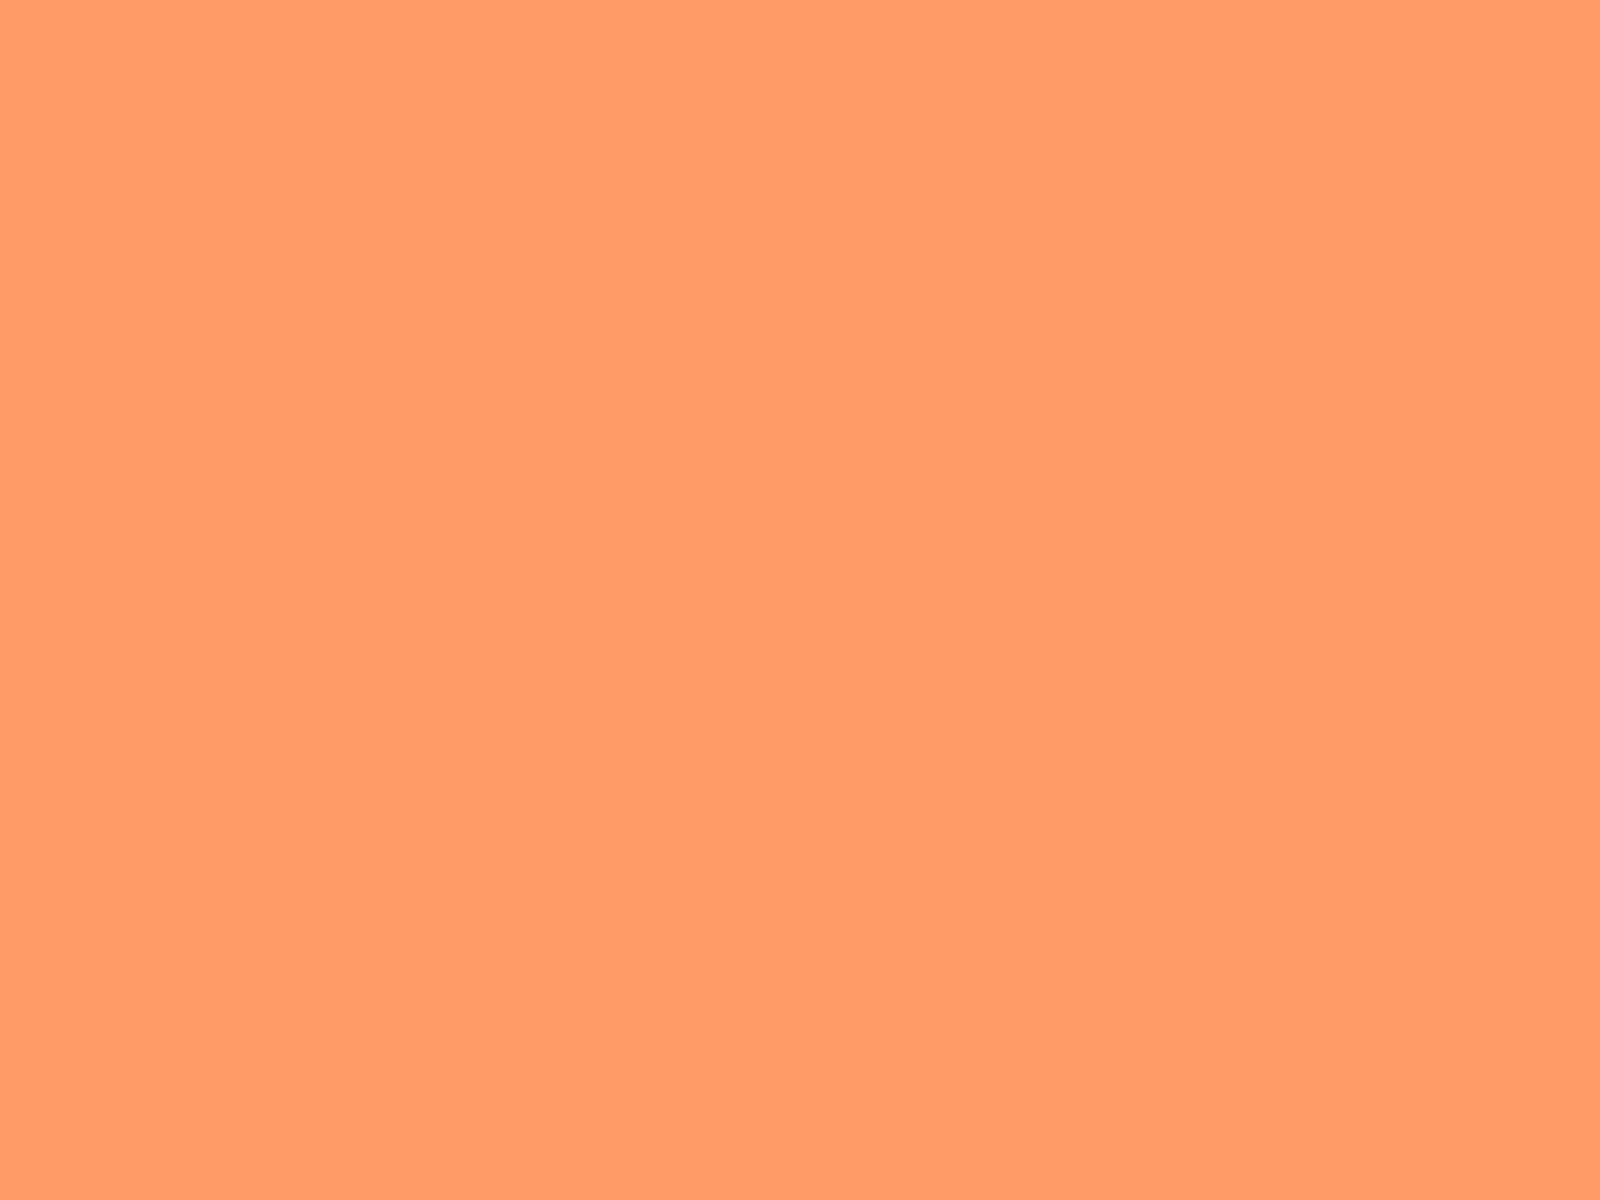 1600x1200 Pink-orange Solid Color Background